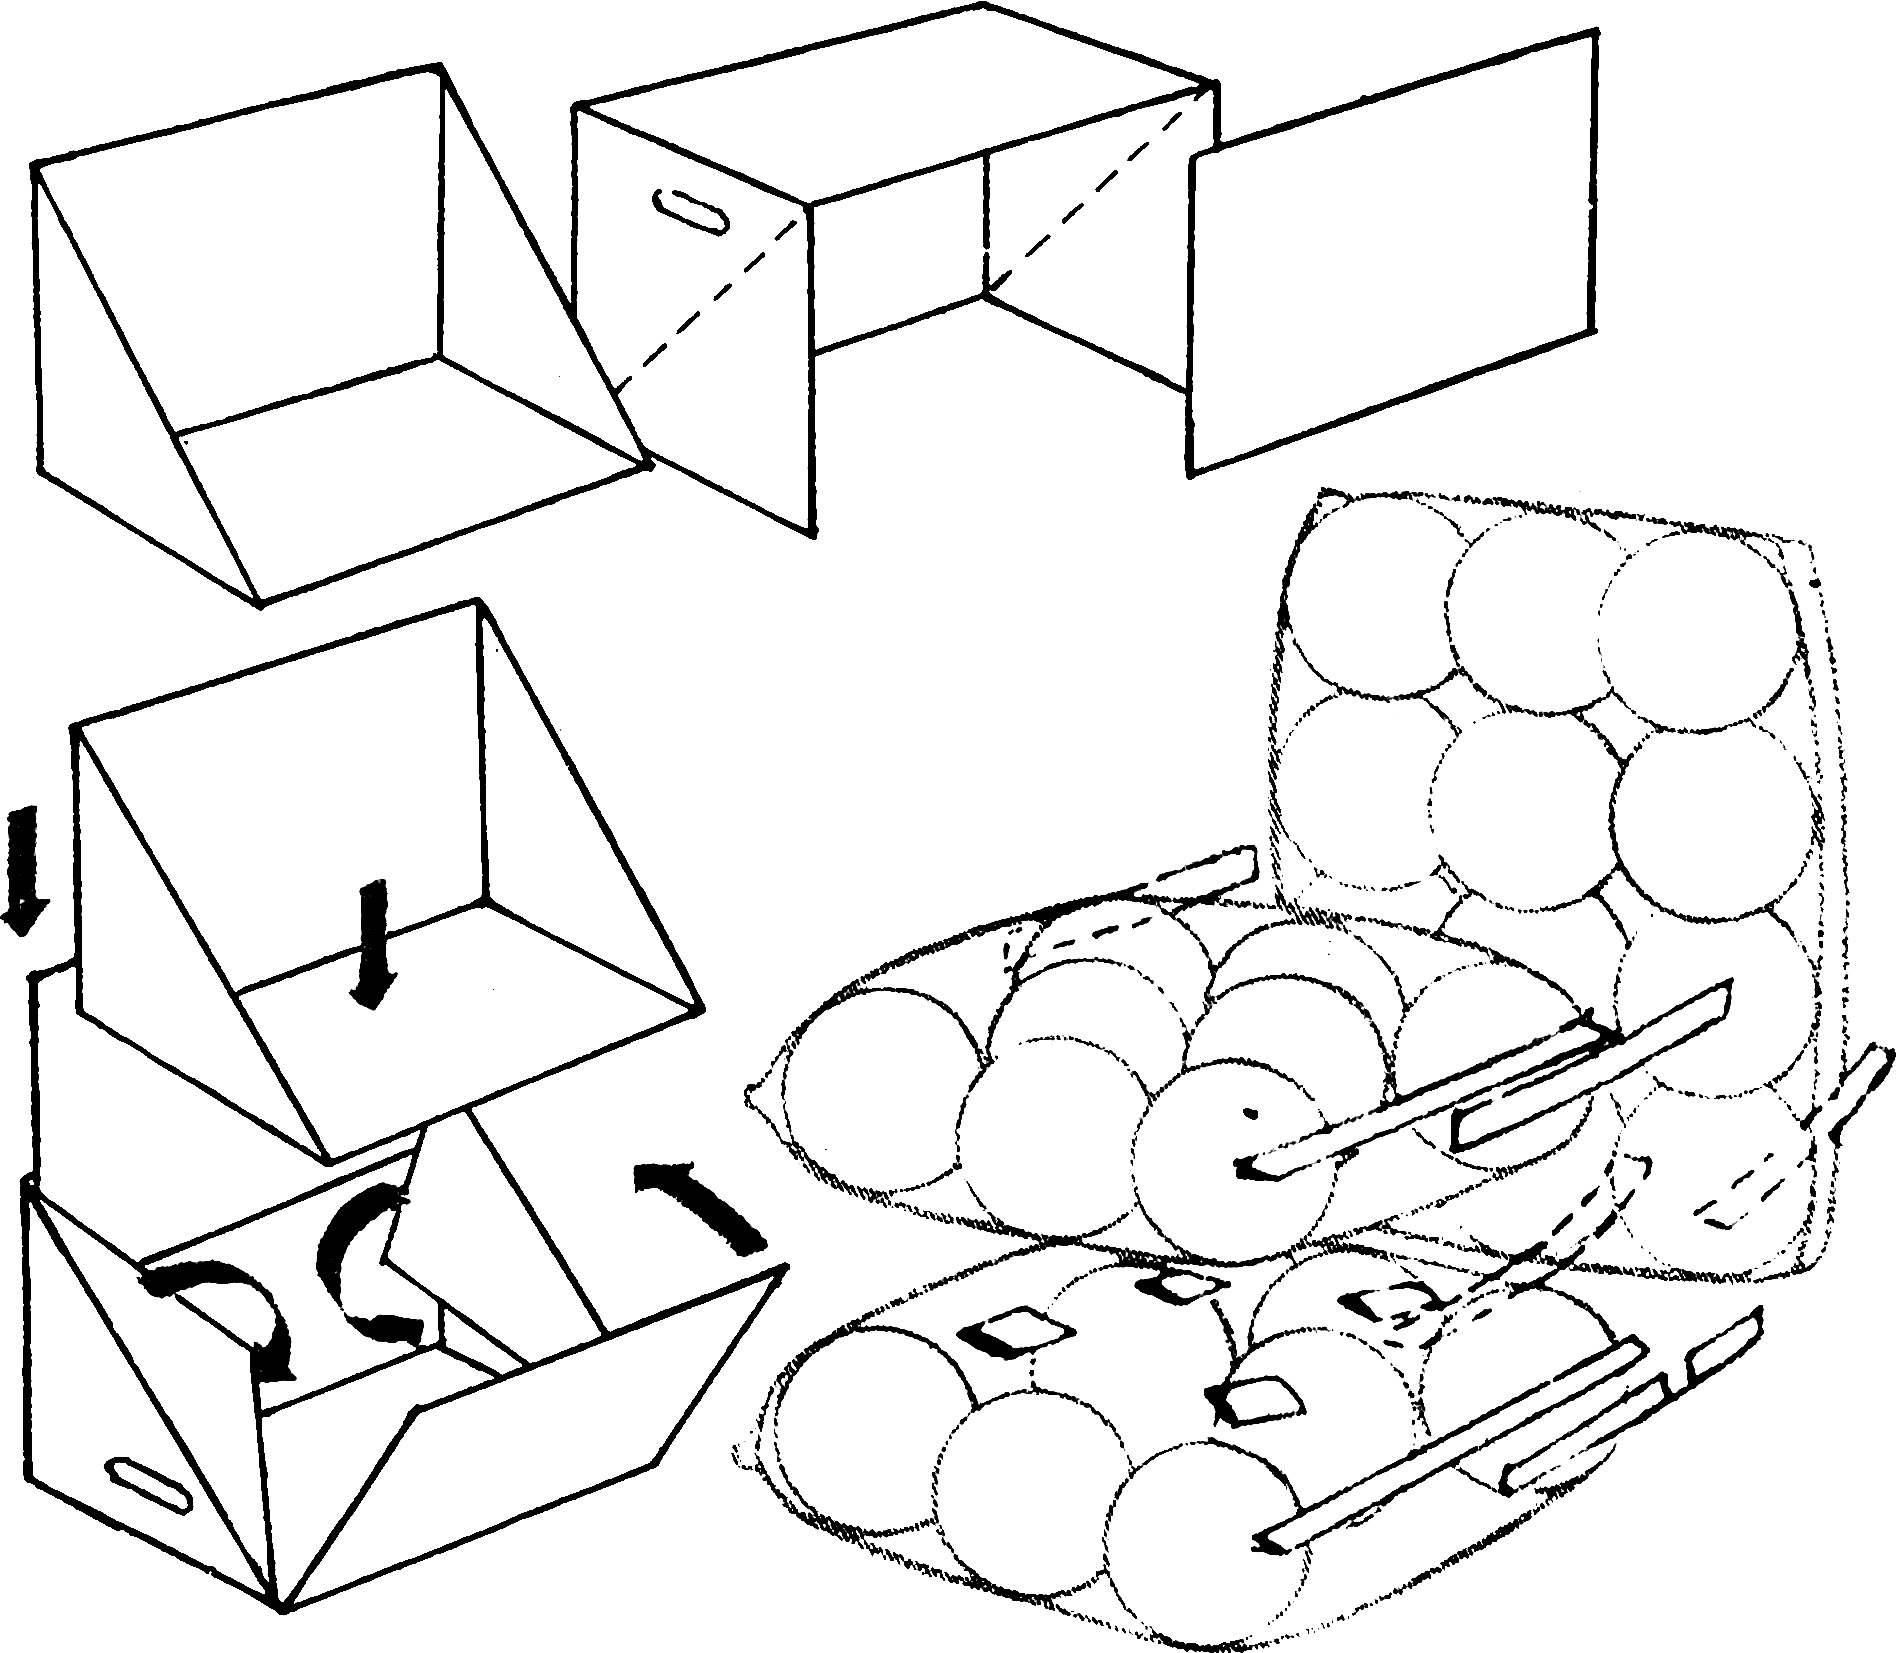 Воздушные шары, уложенные в пленочные чехлы, соединенные клейкой лентой и вставленные в картонный каркас из тарного ящика.